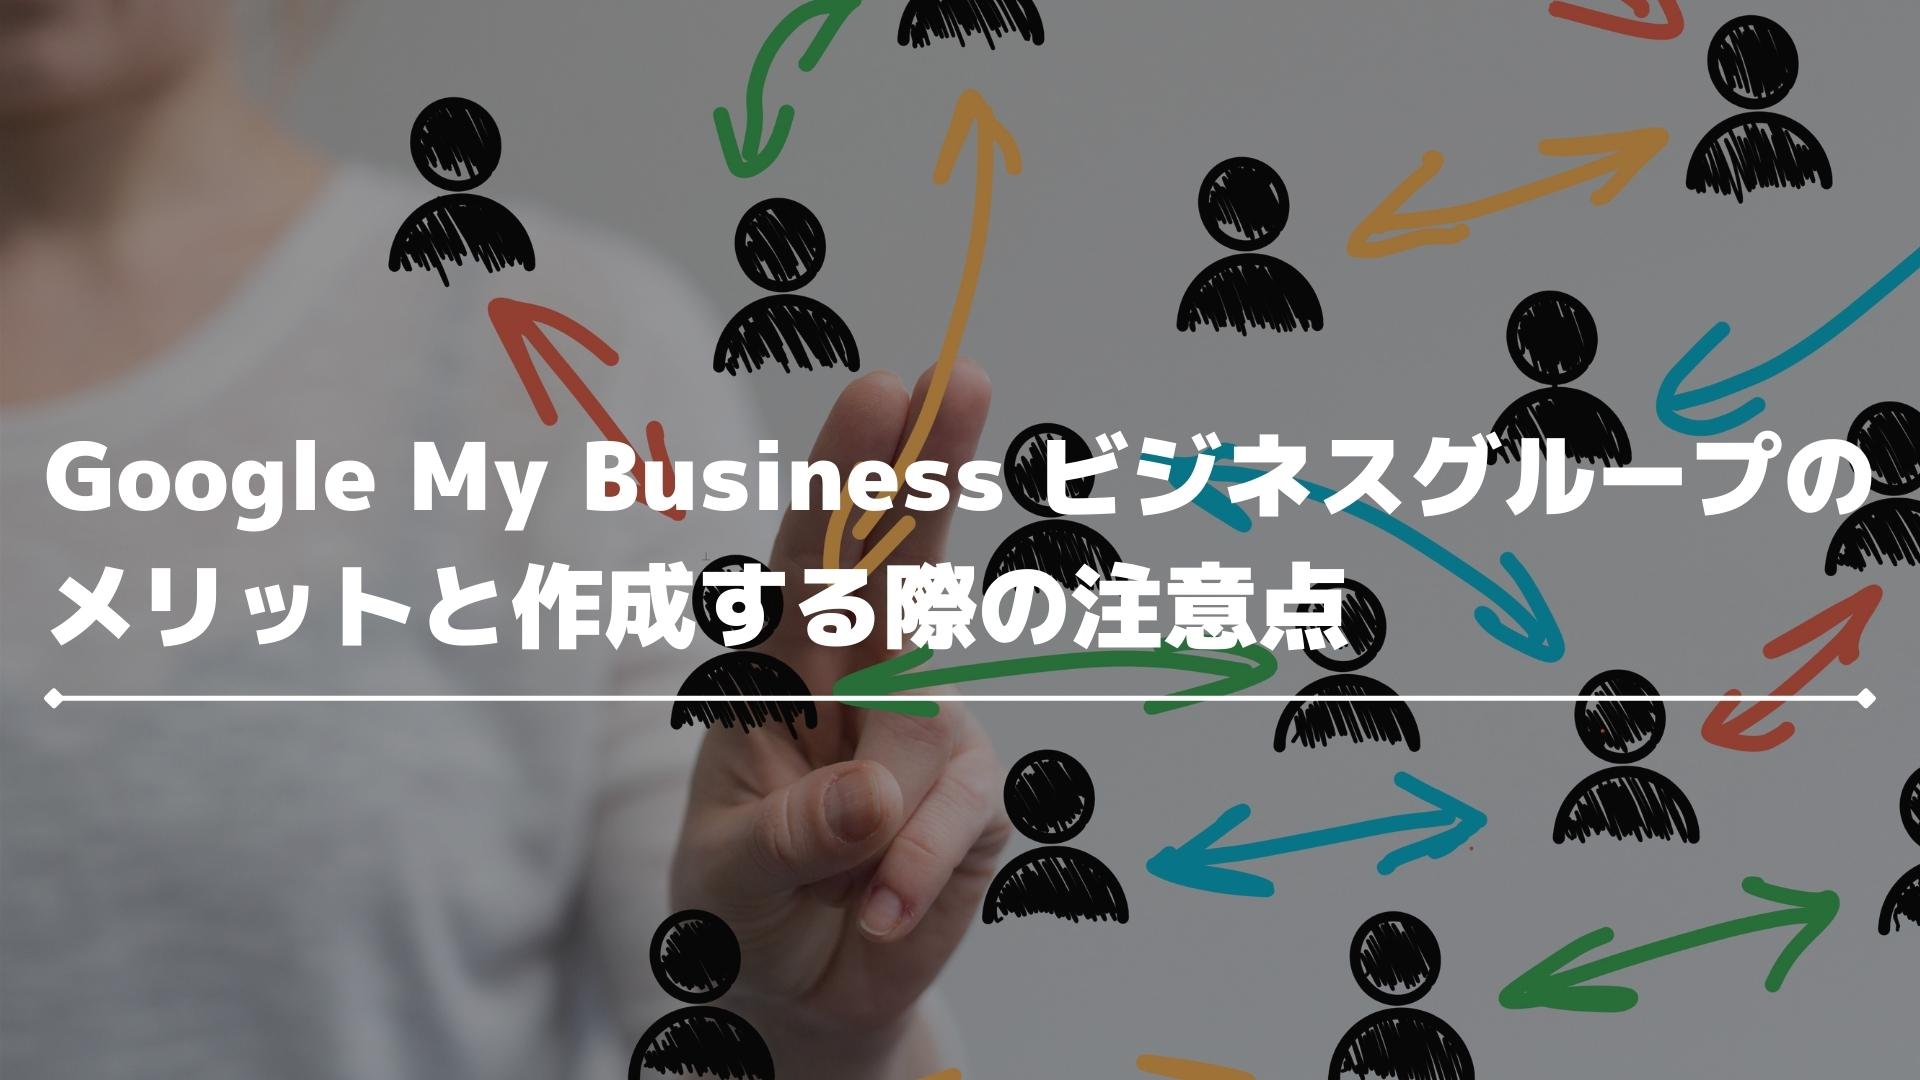 Google My Business ビジネス グループのメリットと作成する際の注意点